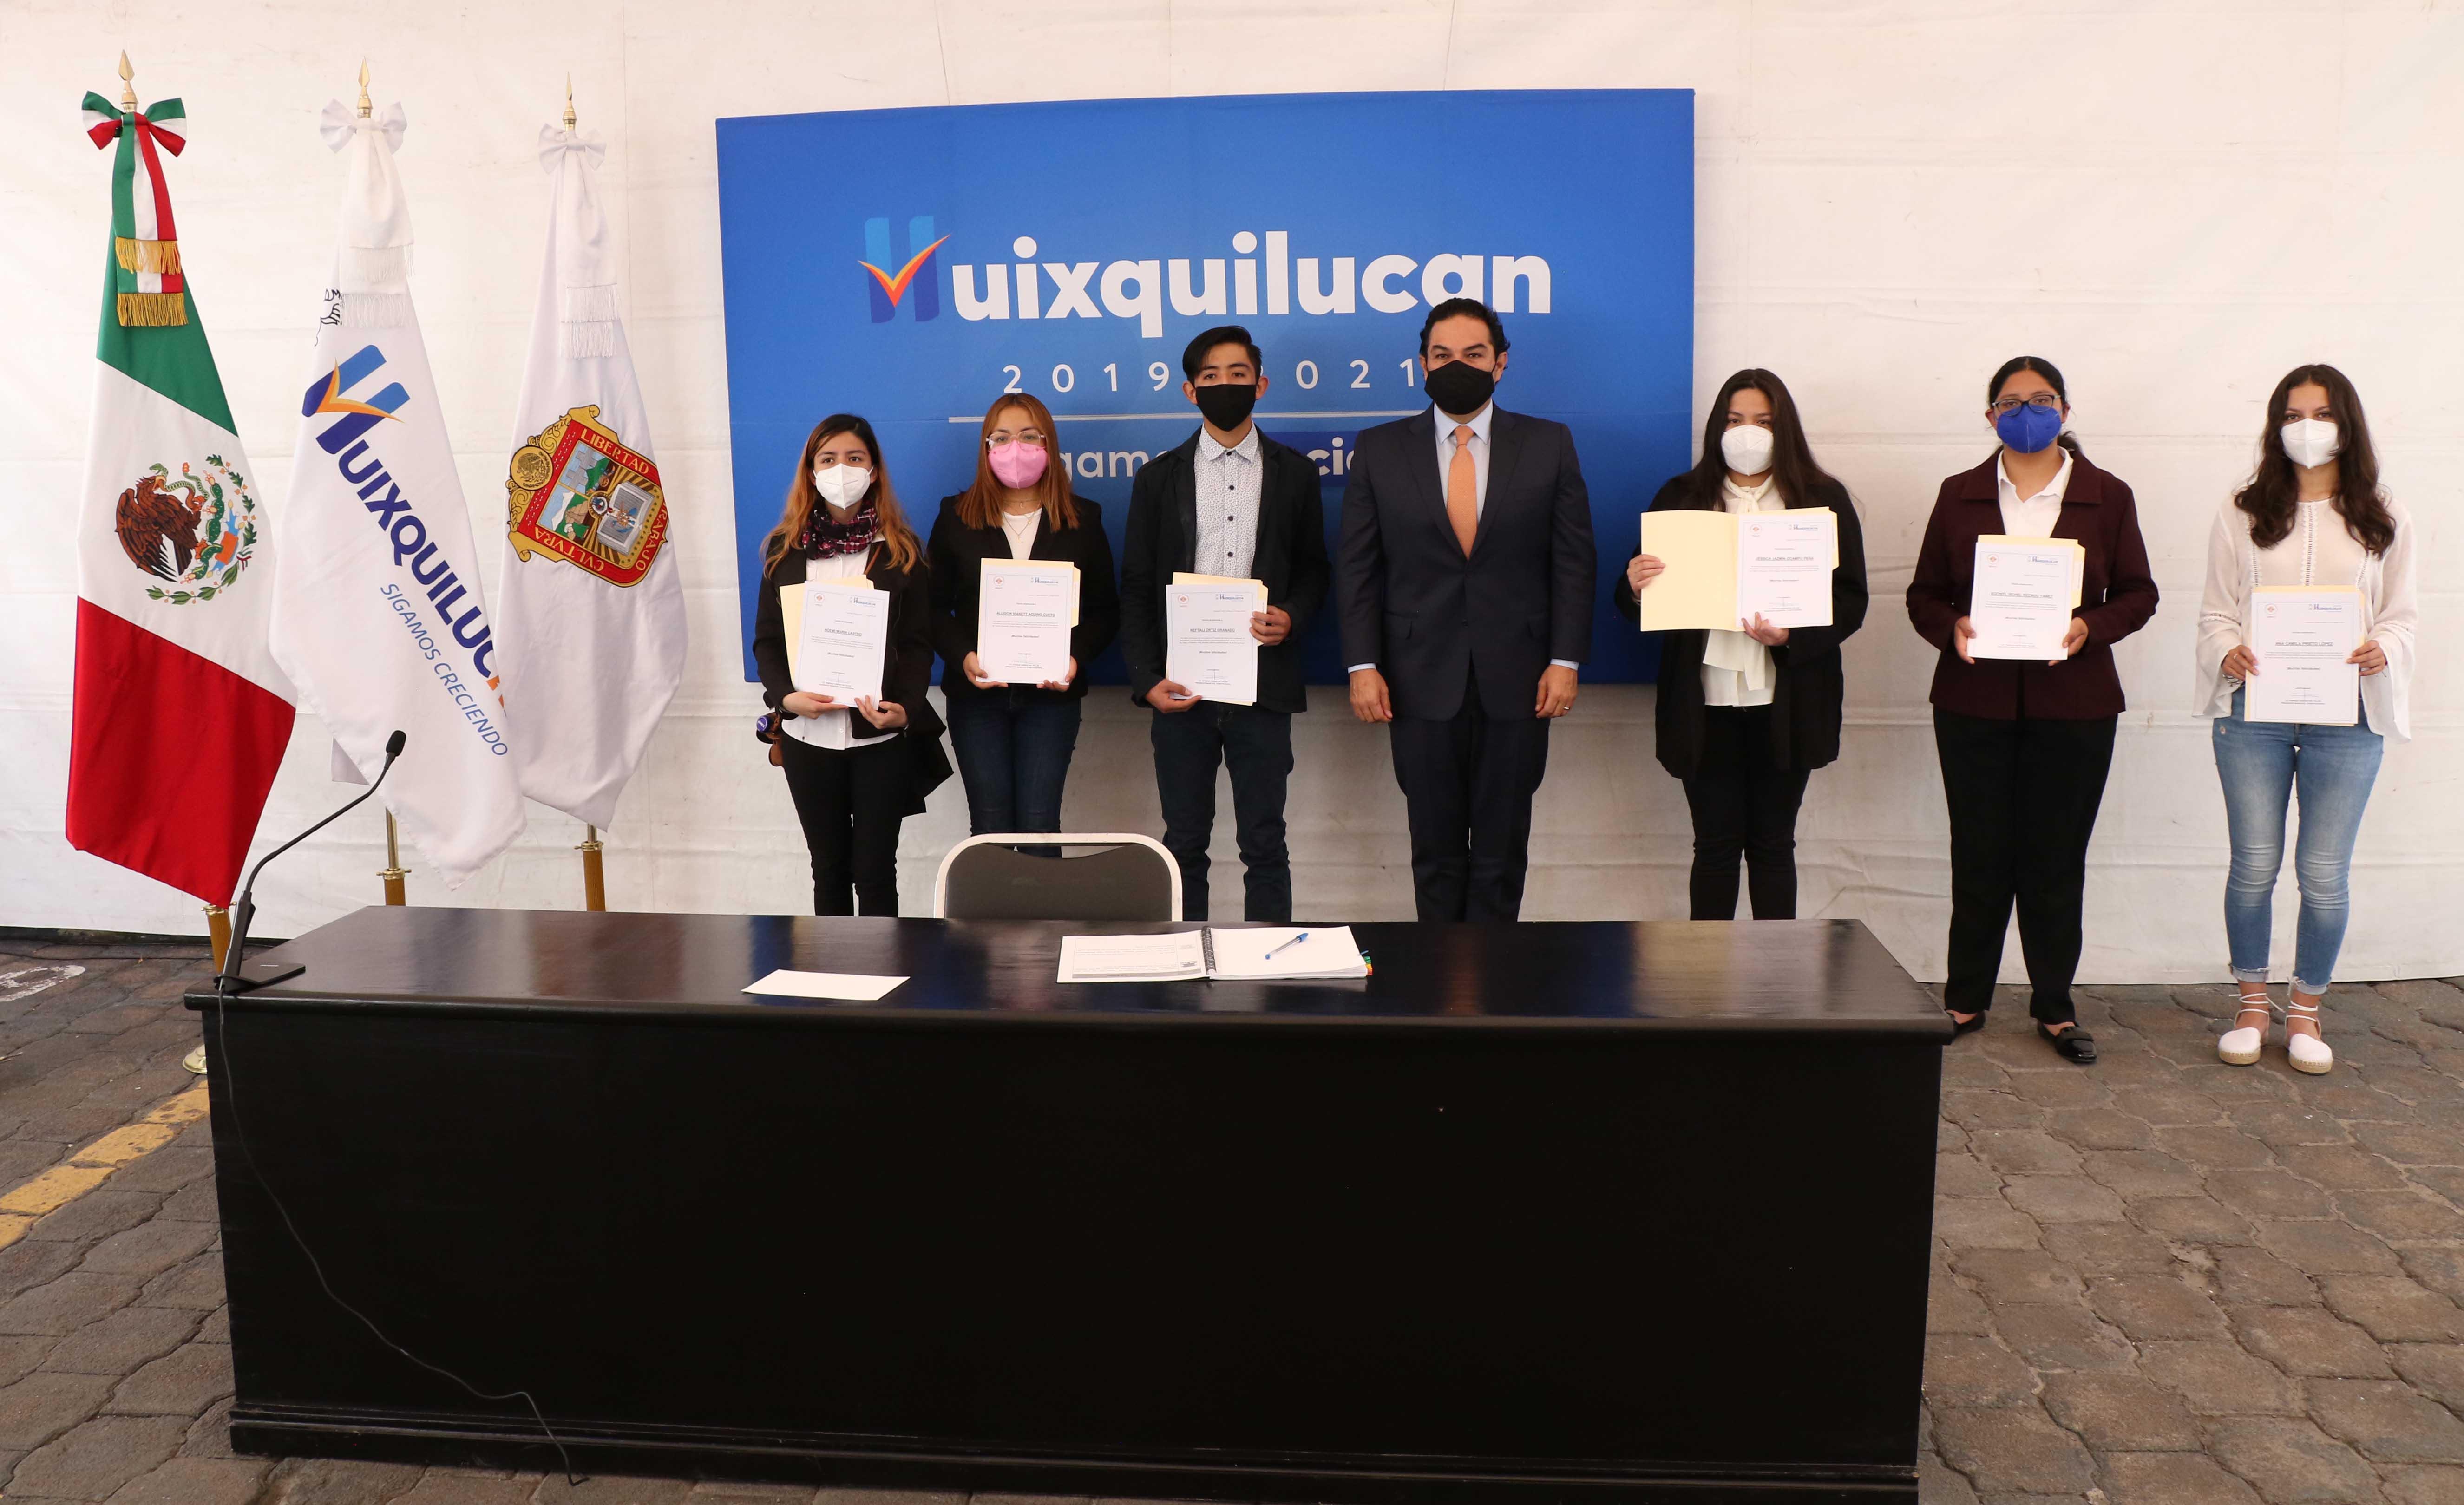 Jóvenes de Huixquilucan obtiene beca del 100 por ciento para estudiar en la universidad Anáhuac